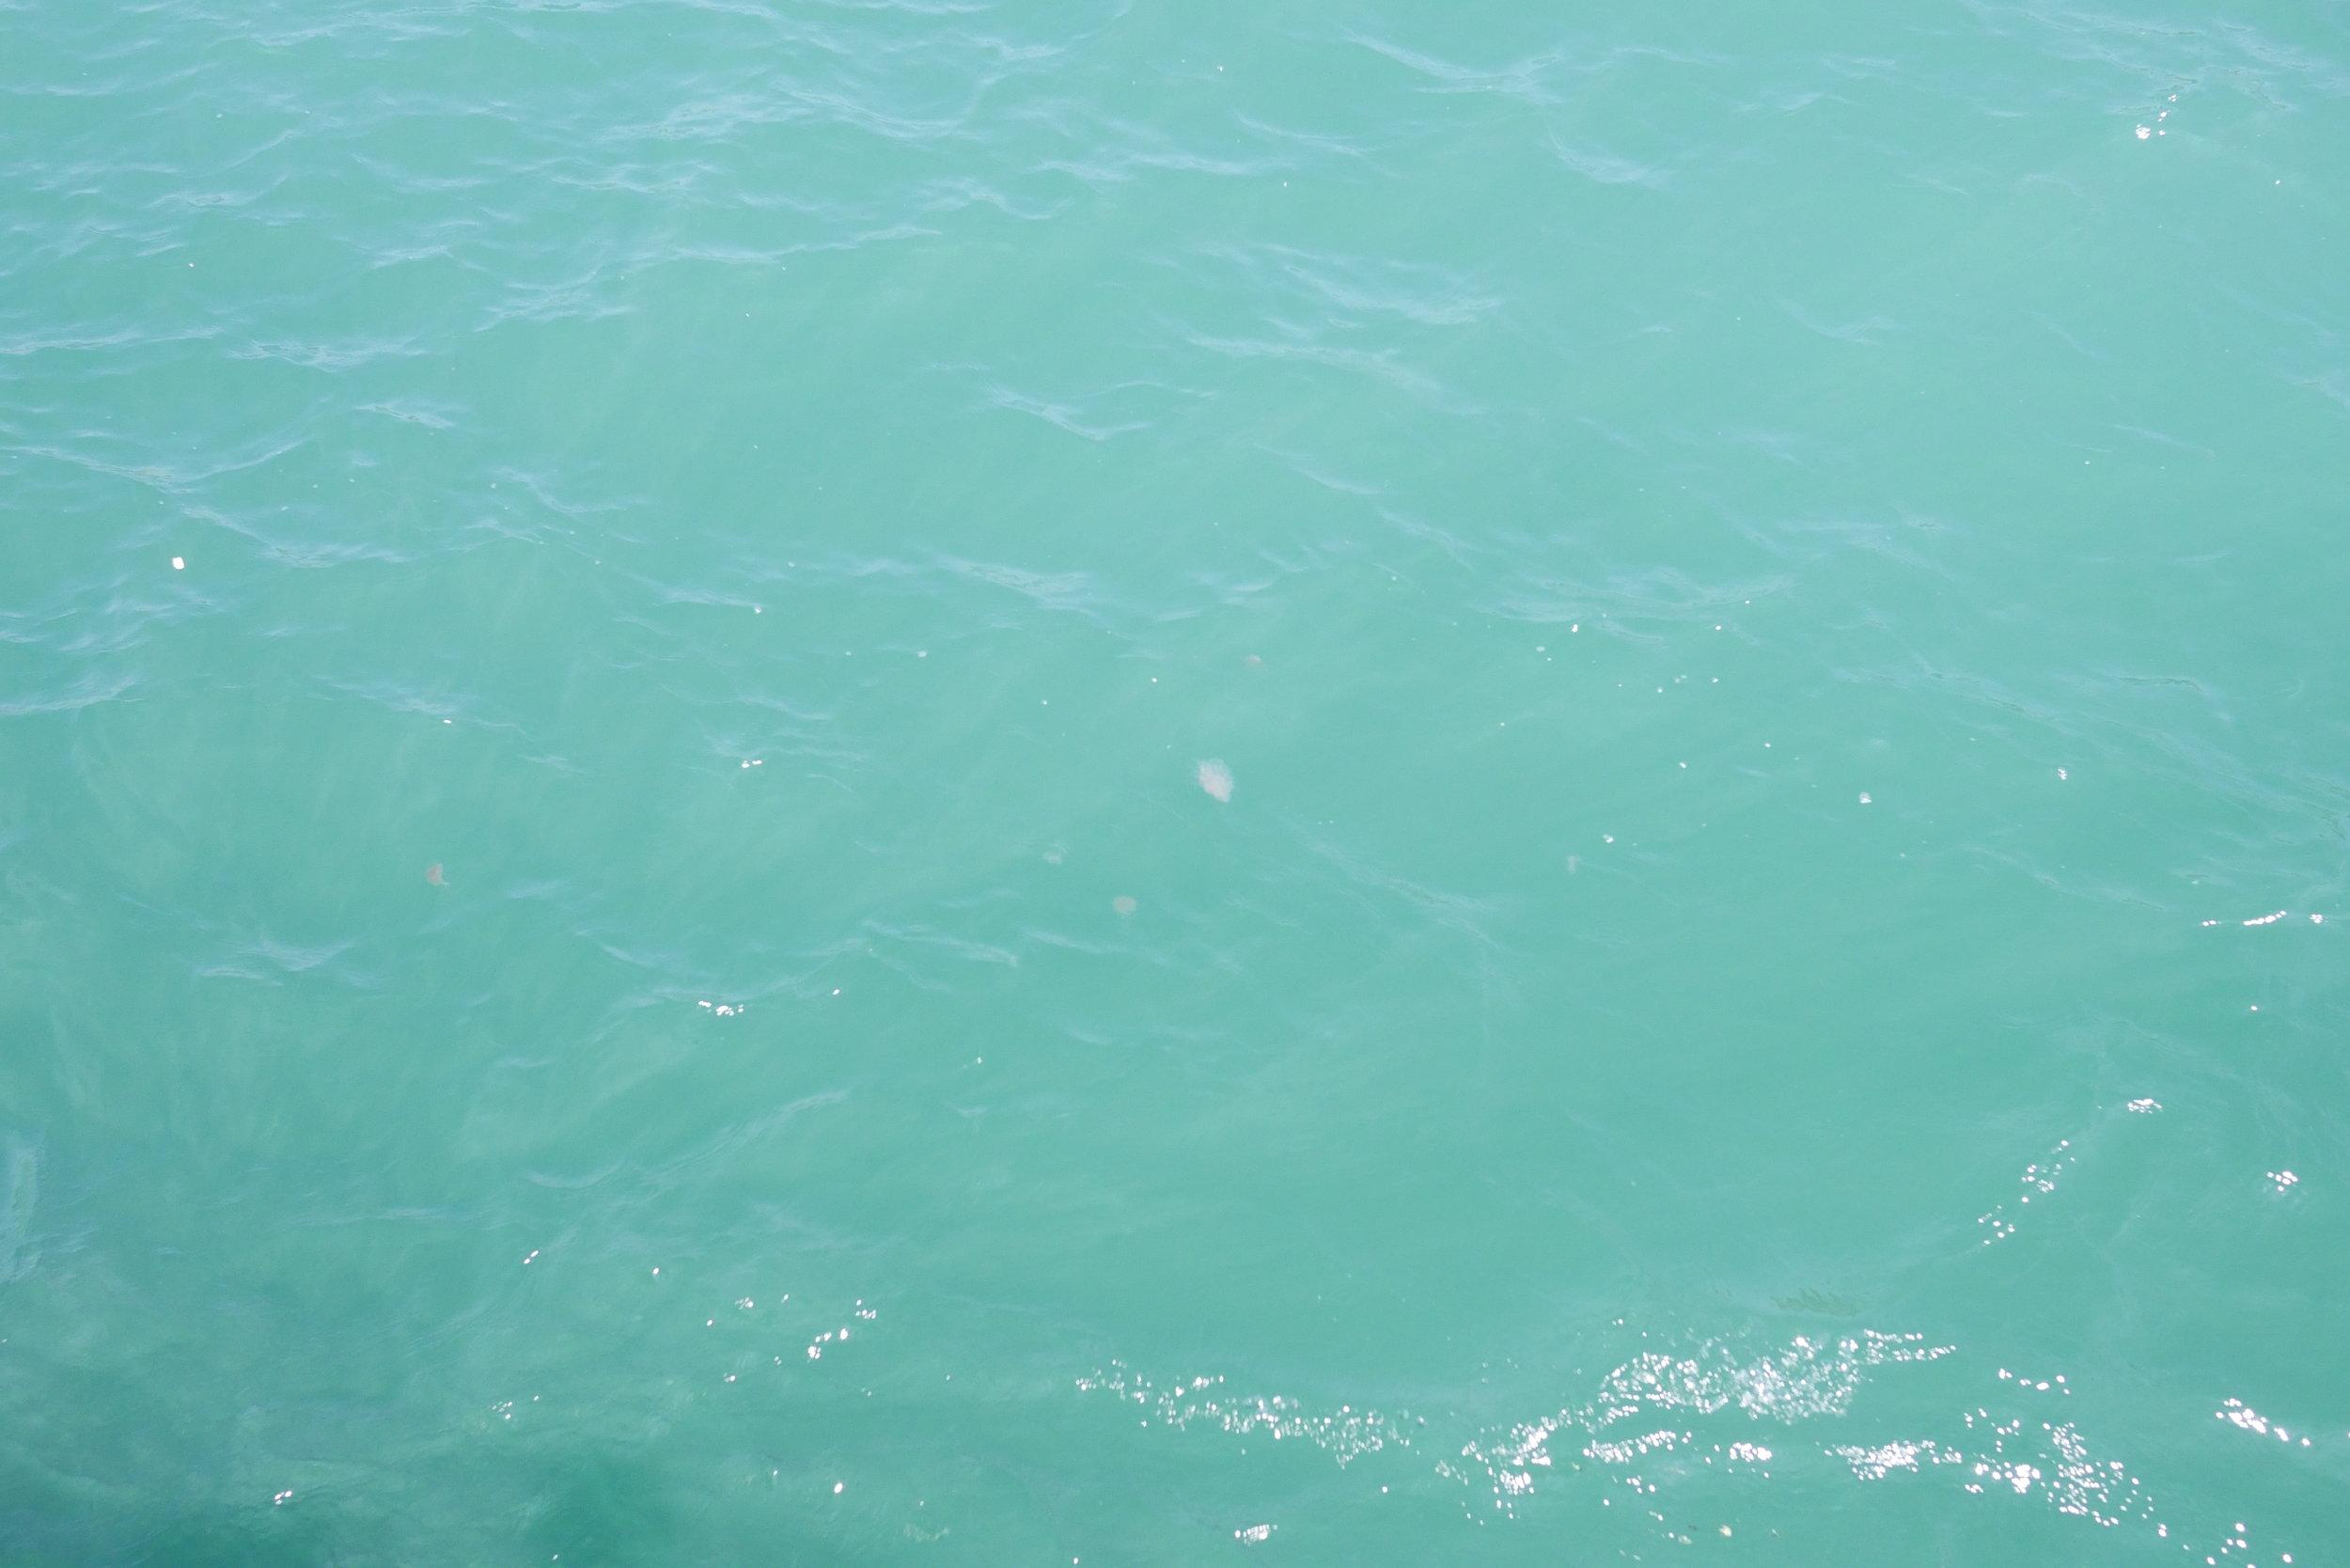 你看到水母嗎?